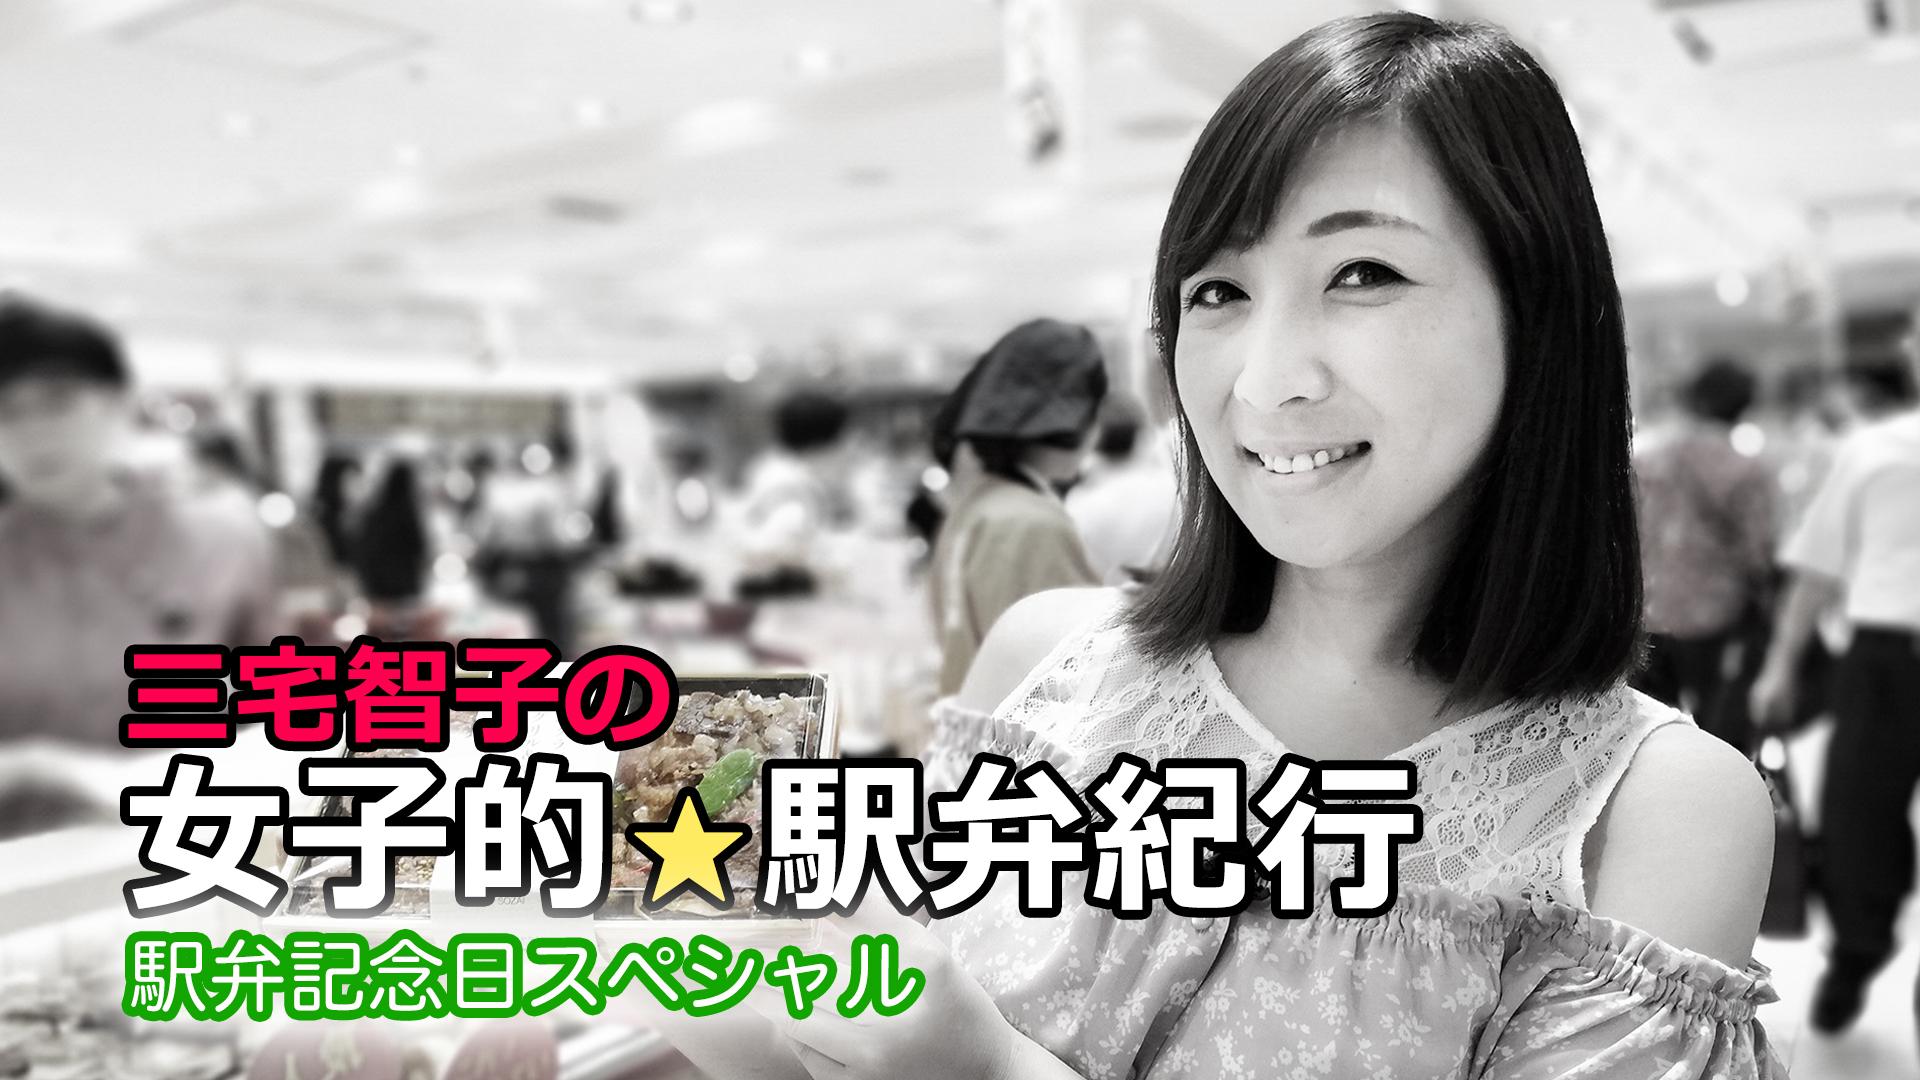 三宅智子の女子的駅弁紀行【駅弁記念日スペシャル】